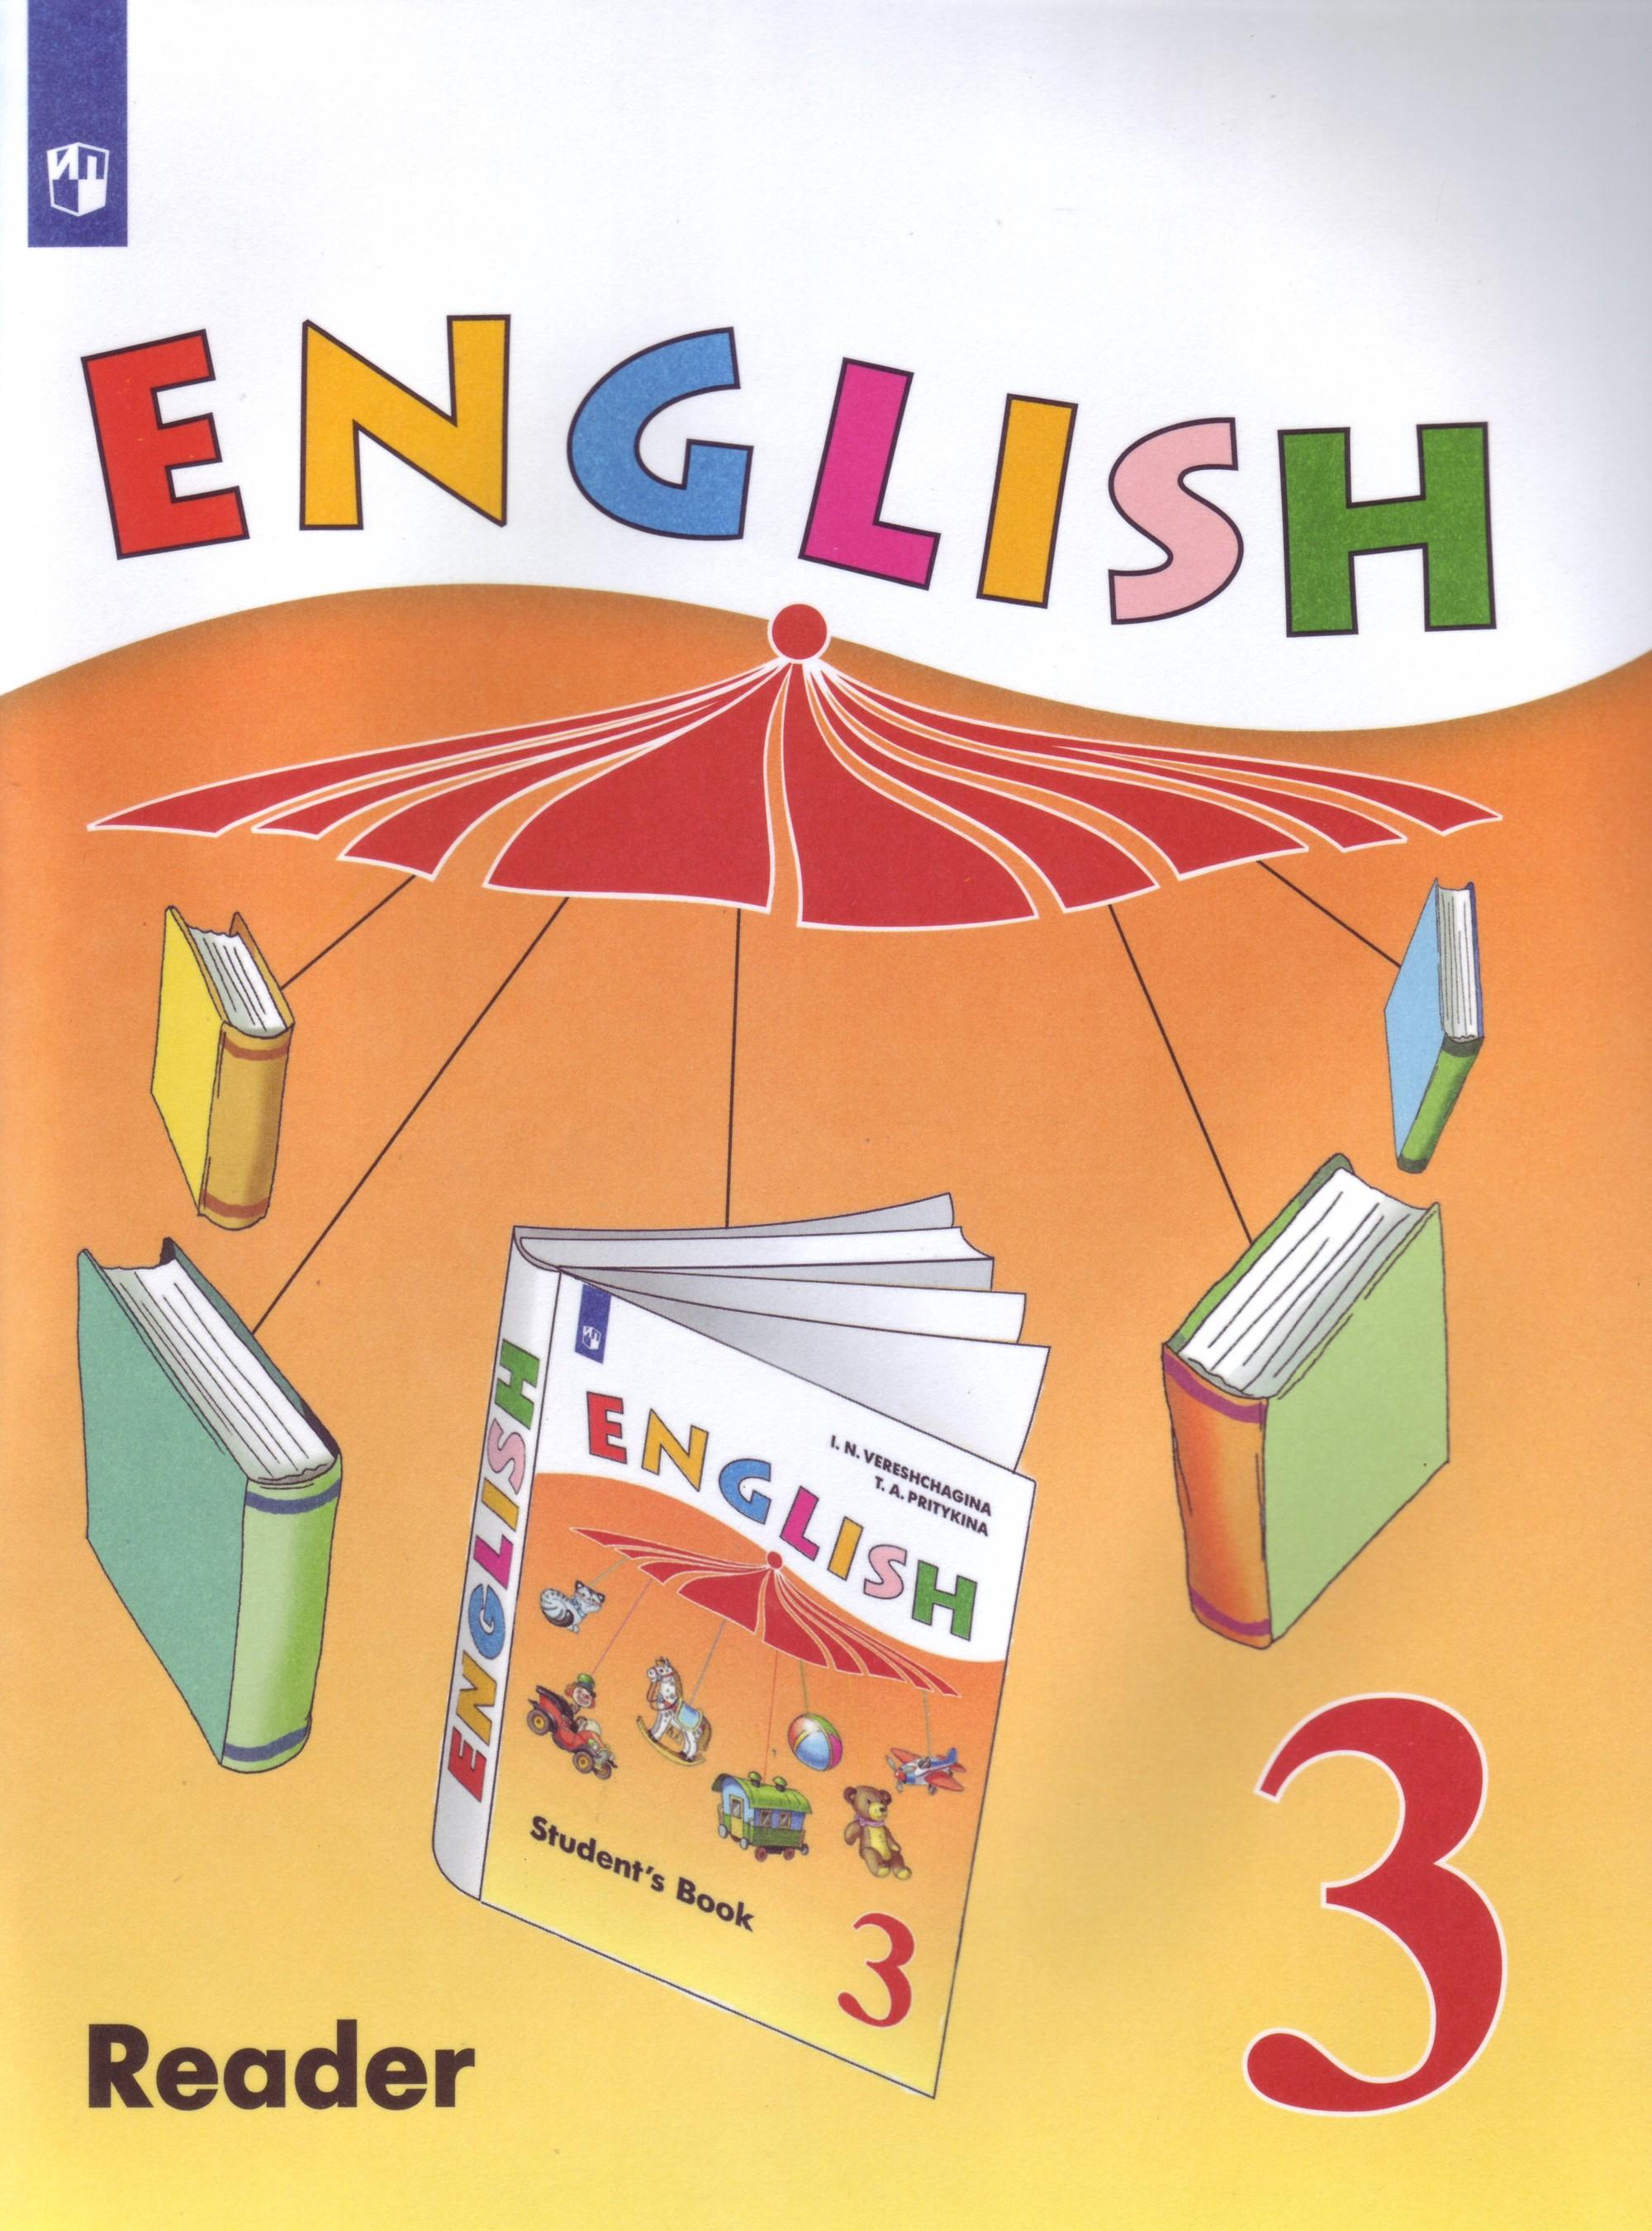 Английский язык (English). 3 кл.: Книга для чтения с углубл. изуч. ФП